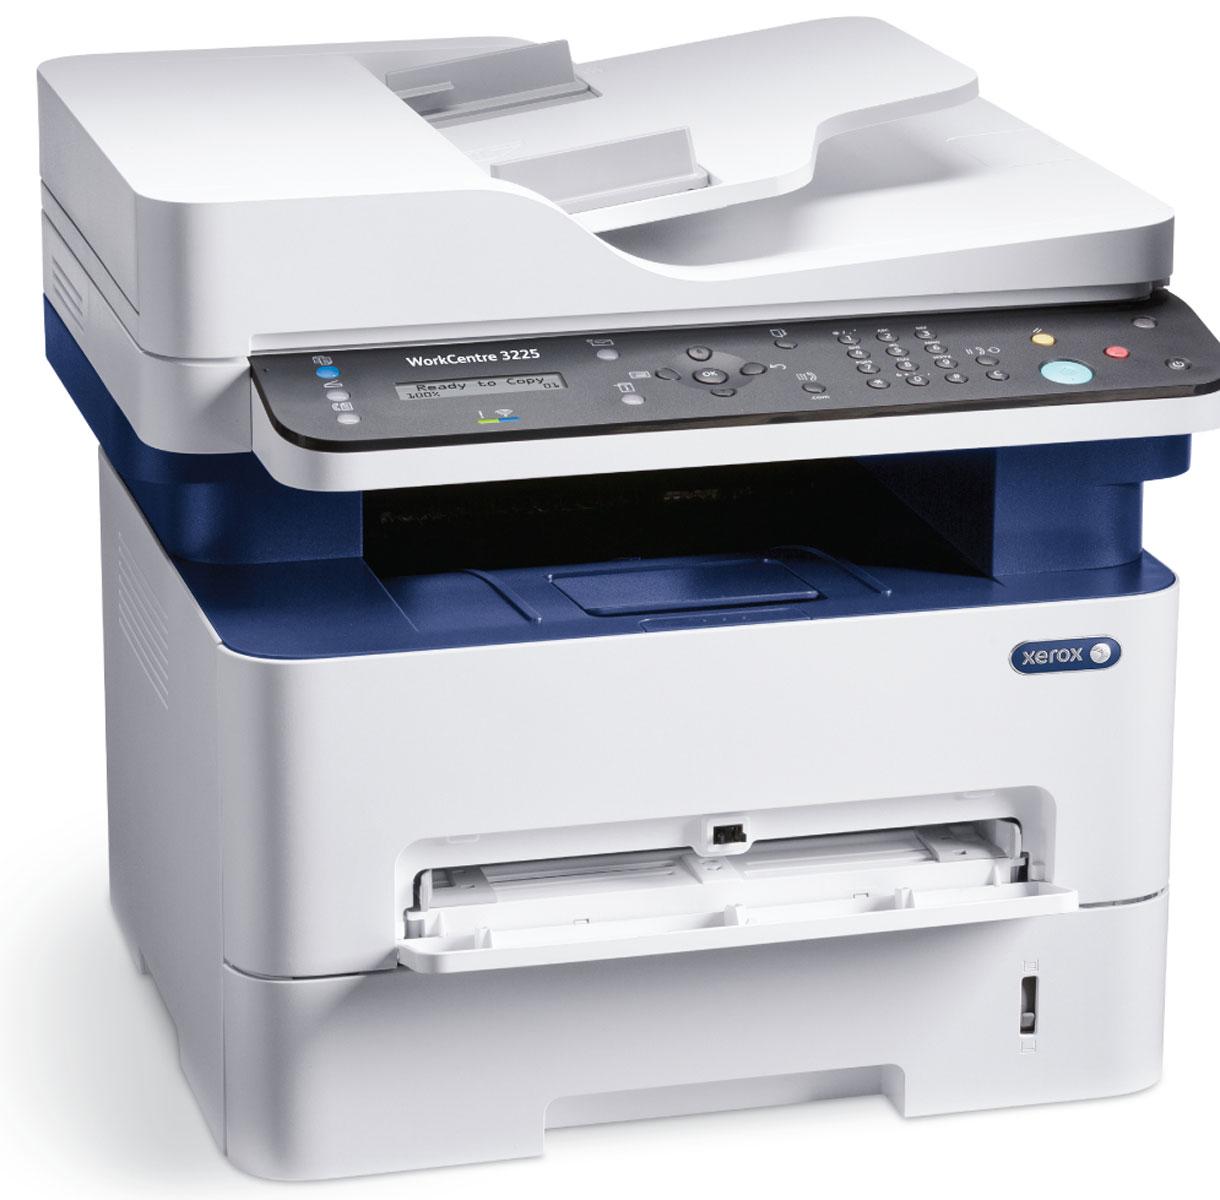 Xerox WorkCentre 3225DNI МФУ3225V_DNIМонохромное лазерное МФУ Xerox WorkCentre 3225DNI соответствуют всем современным требованиям индивидуальных пользователей и небольших рабочих групп: обладает высокой скоростью печати – 28 страниц в минуту, сочетает в себе надежность и компактность! WorkCentre 3225DNI обеспечивает автоматическую двустороннюю печать с четко проработанными текстом и графикой.Объем памяти 256 МБ и процессор с тактовой частотой 600 МГц обеспечивает быструю и точную печать. Раздельная архитектура расходных материалов позволяет заменять только те модули, которые необходимо, получая максимальную отдачу от каждого картриджа.Устройство WorkCentre 3225DNI оснащено функциями копирования, сканирования и факса. Объединение ключевых функций в одном устройстве позволяет сократить эксплуатационные расходы и количество обращений в сервисную службу. Режимы энергосбережения и экономии тонера, наряду с настройками рационального режима в драйвере устройства, позволяют тратить меньше средств на оплату электроэнергии и расходных материалов. Поддержка функции Wi-Fi Direct обеспечивает безопасное соединение с мобильных телефонов, планшетов и портативных компьютеров даже при отсутствии беспроводной сети. Поддержка Apple AirPrint и Xerox PrintBack позволяет отправлять документы на печать с любого смартфона или планшета на базе Android и iOS без установки дополнительных драйверов и проводов.Струйный или лазерный принтер: какой лучше? Статья OZON Гид